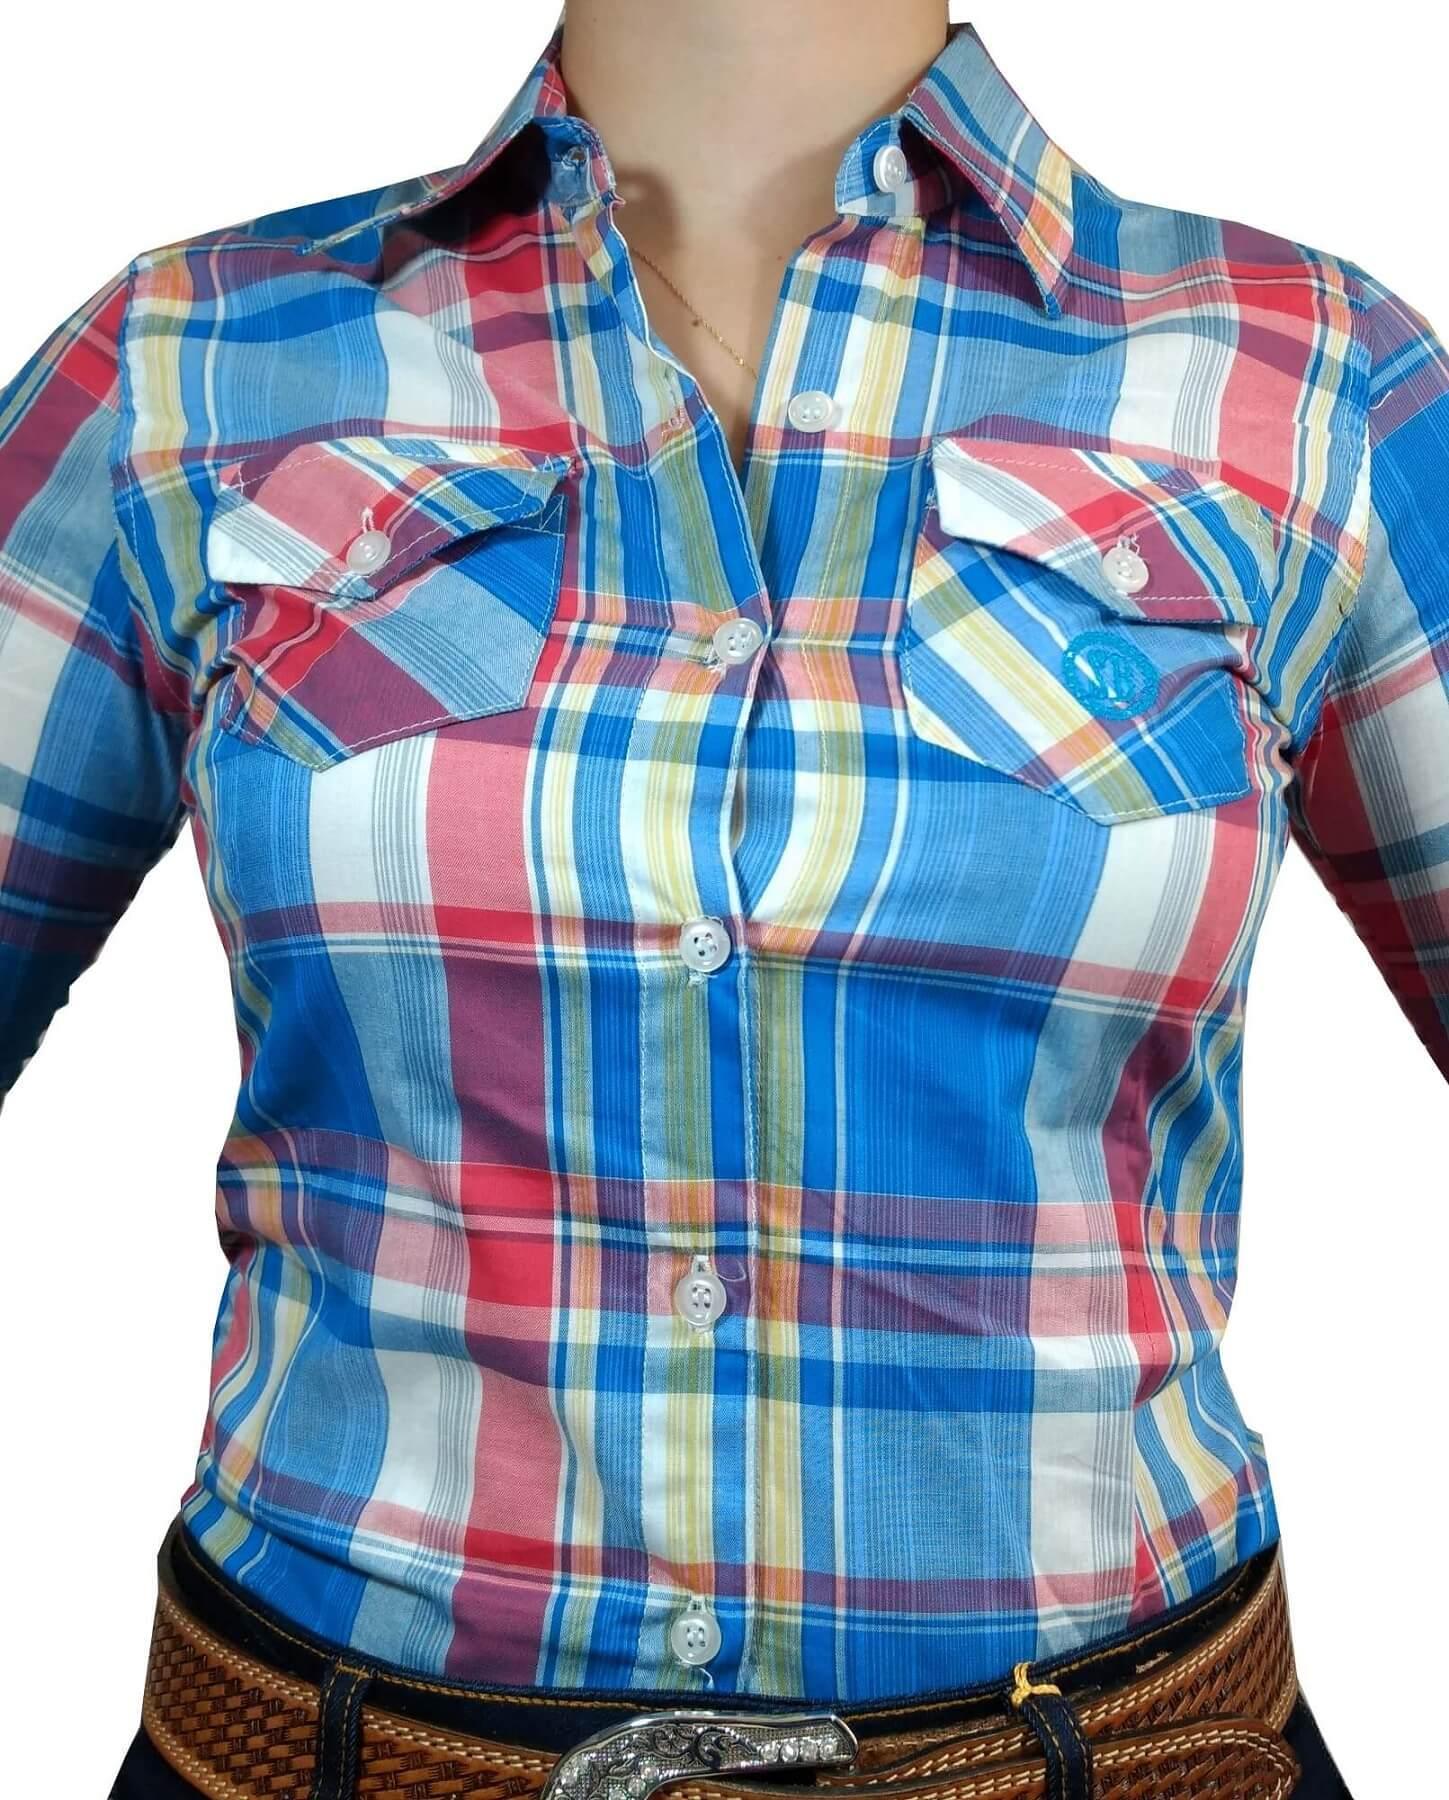 Camisa Feminina Smith Brothers Dois Bolsos Xadrez Ref. 05